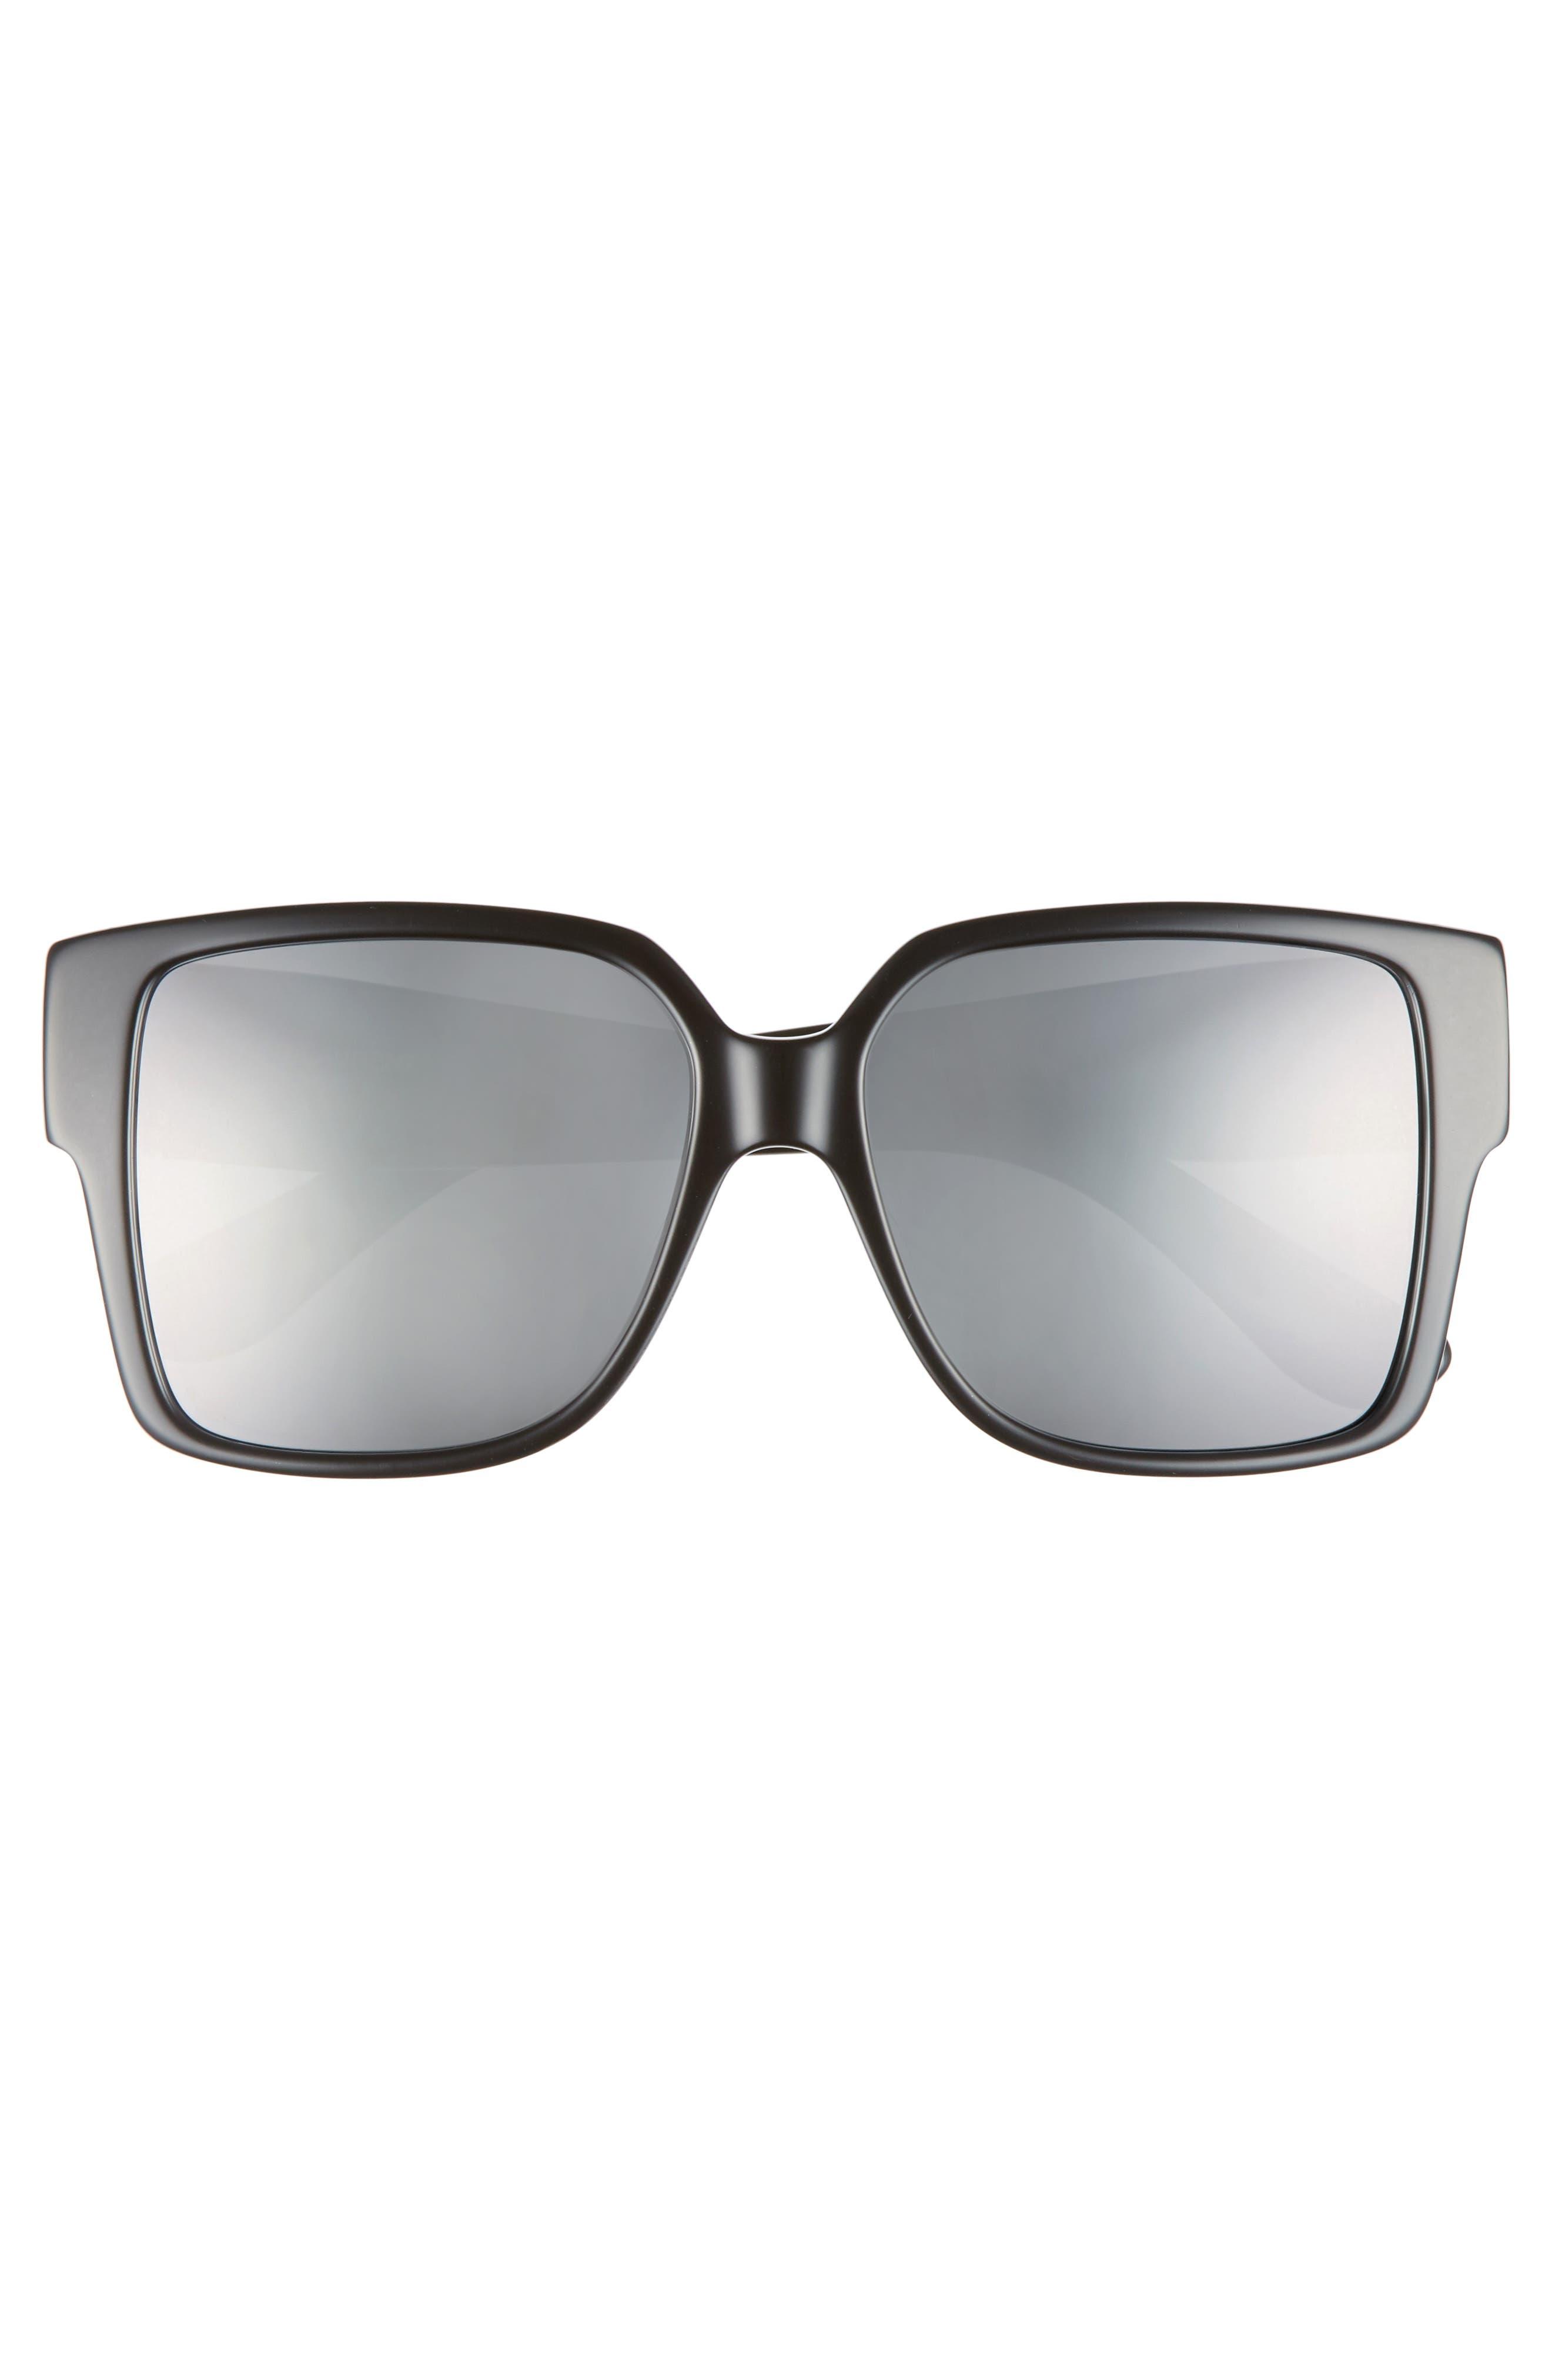 Alternate Image 3  - Saint Laurent 55mm Square Sunglasses